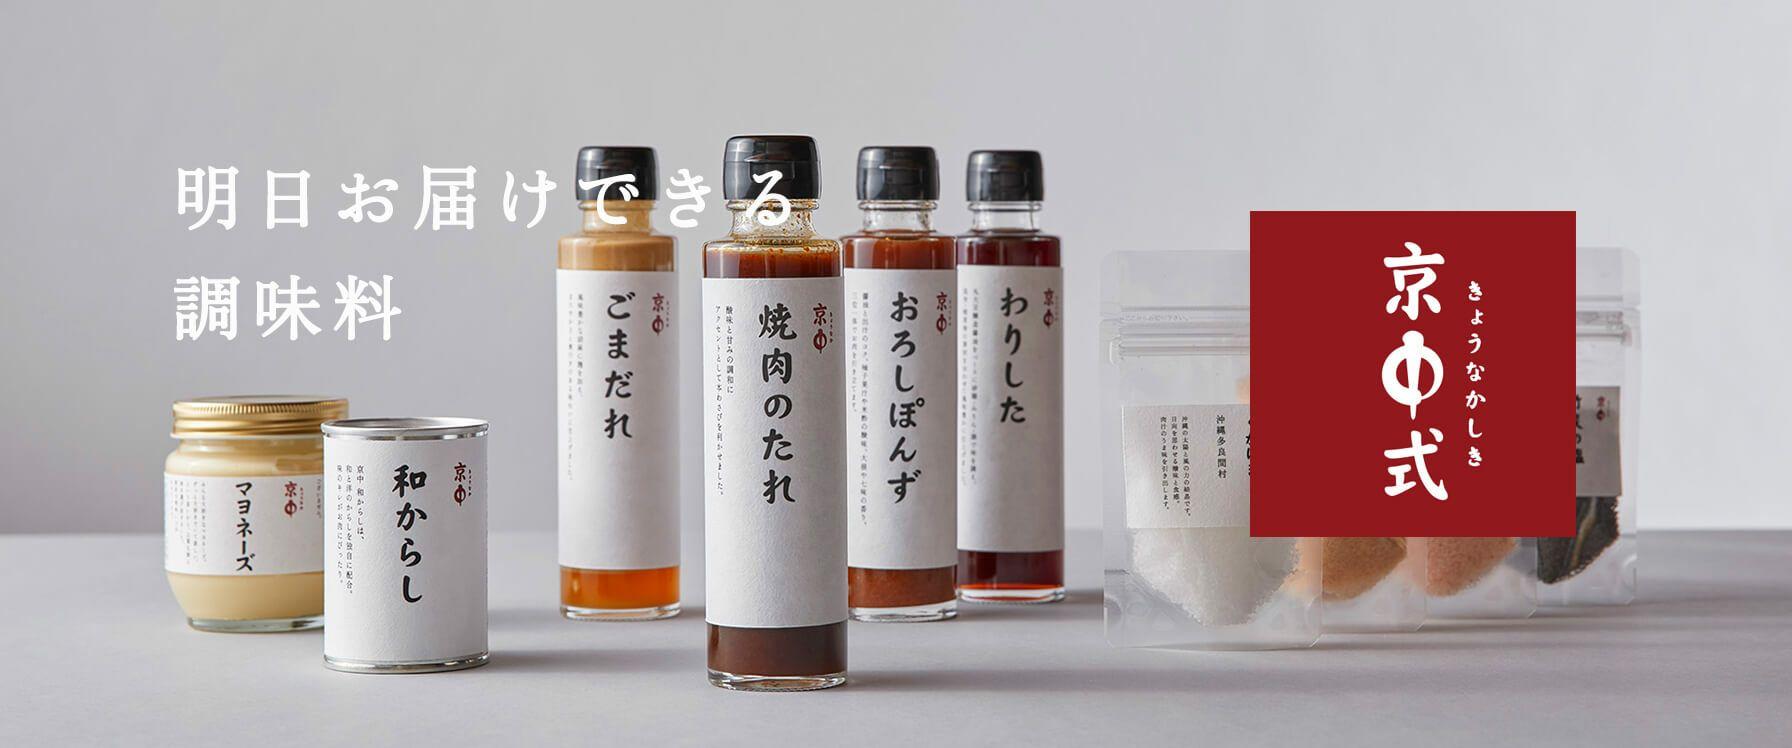 調味料(明日お届け)